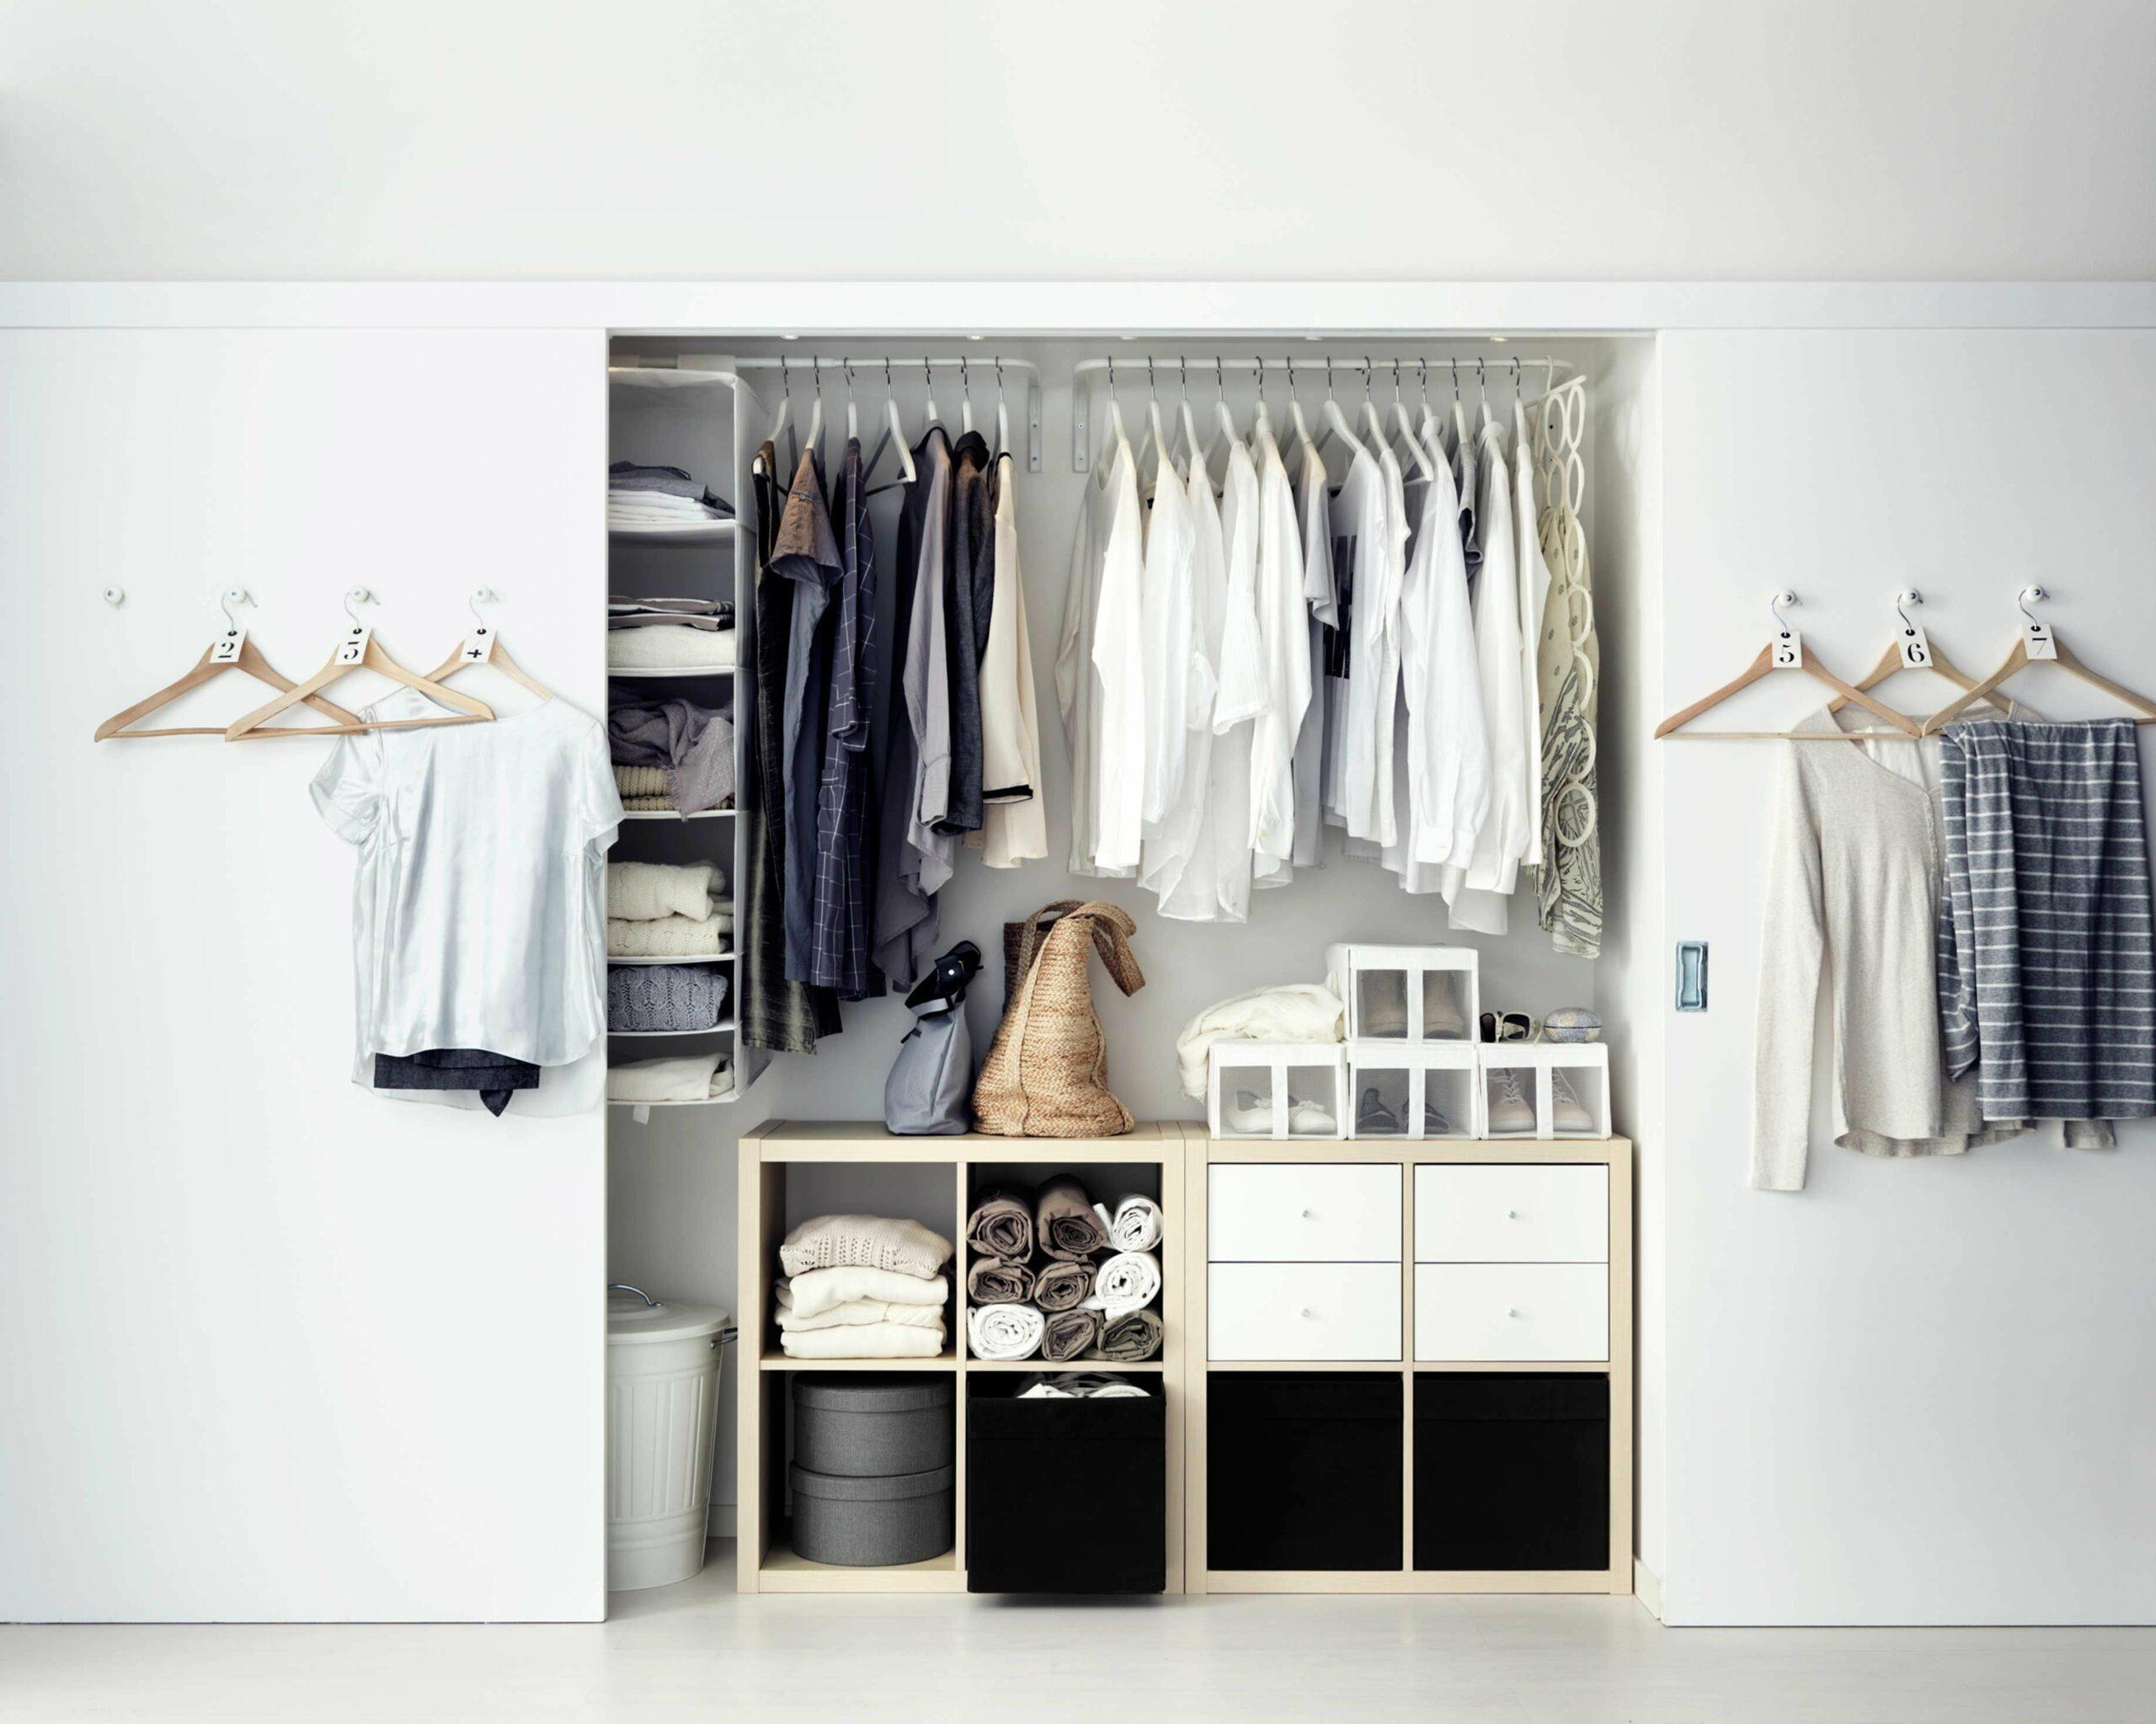 гардеробная в маленькой квартире фото 21